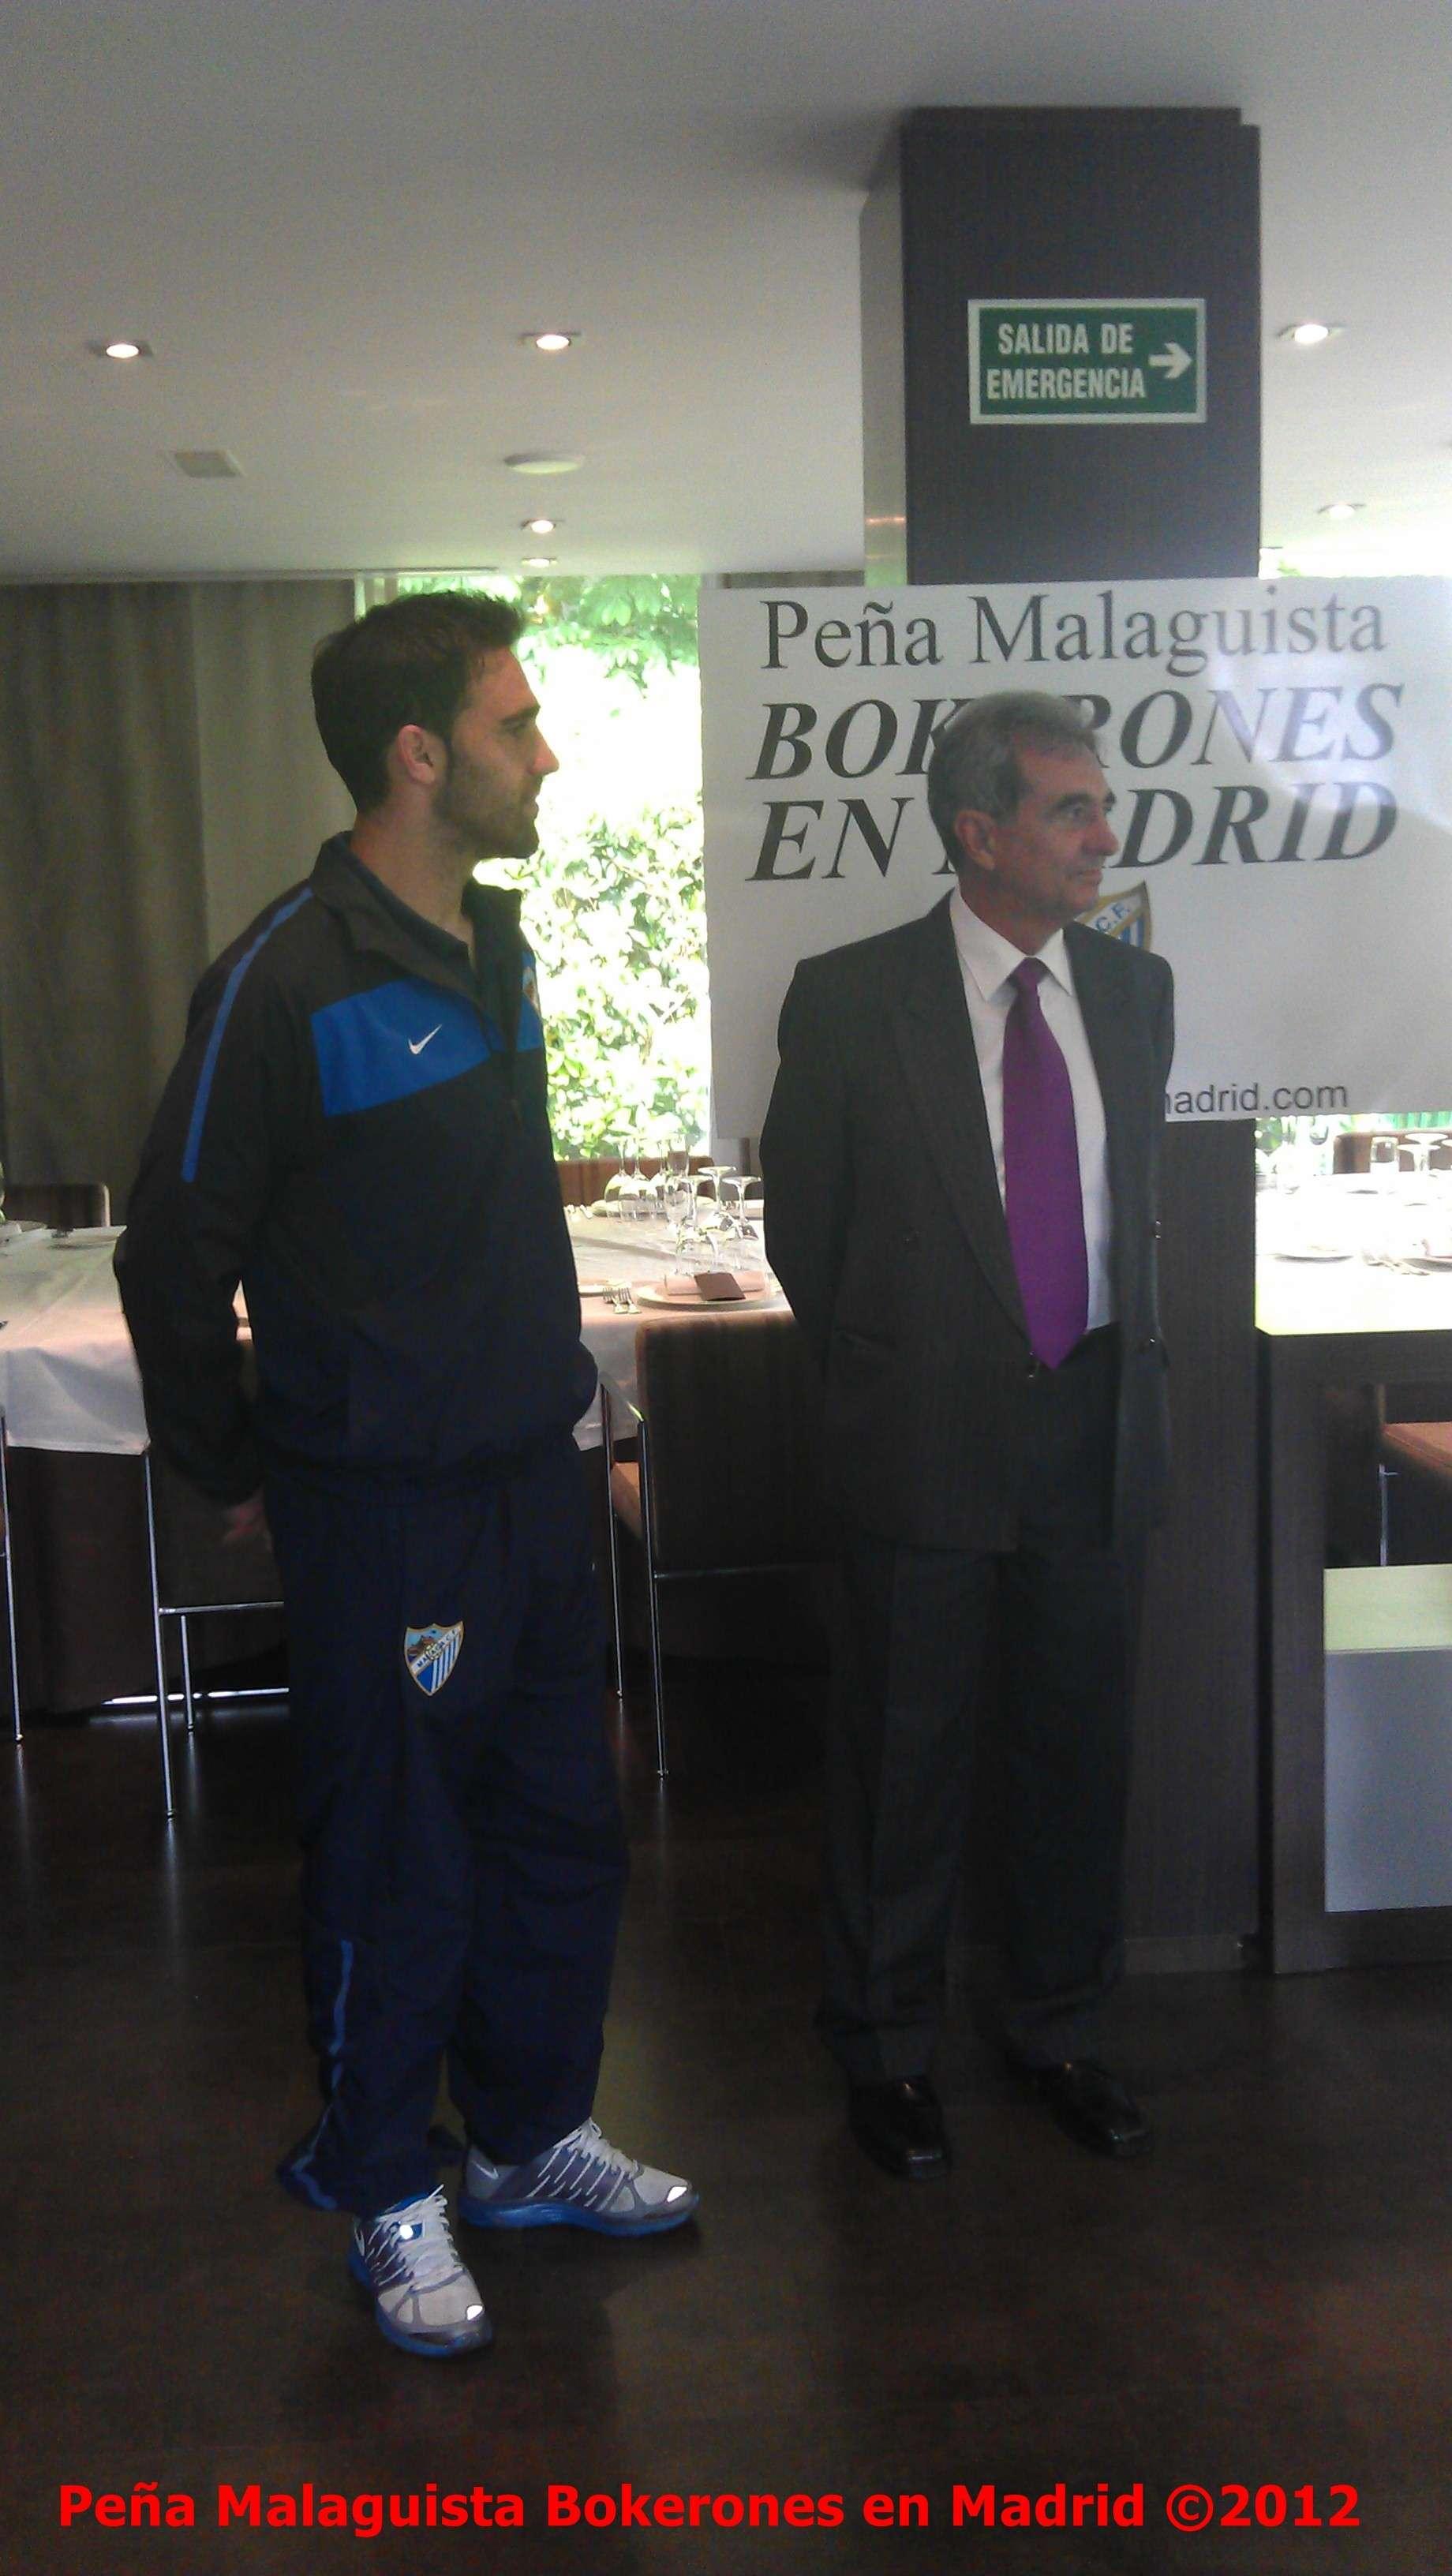 La Peña Malaguista Bokerones en Madrid entregará placa a Jesús Gamez Actobe11